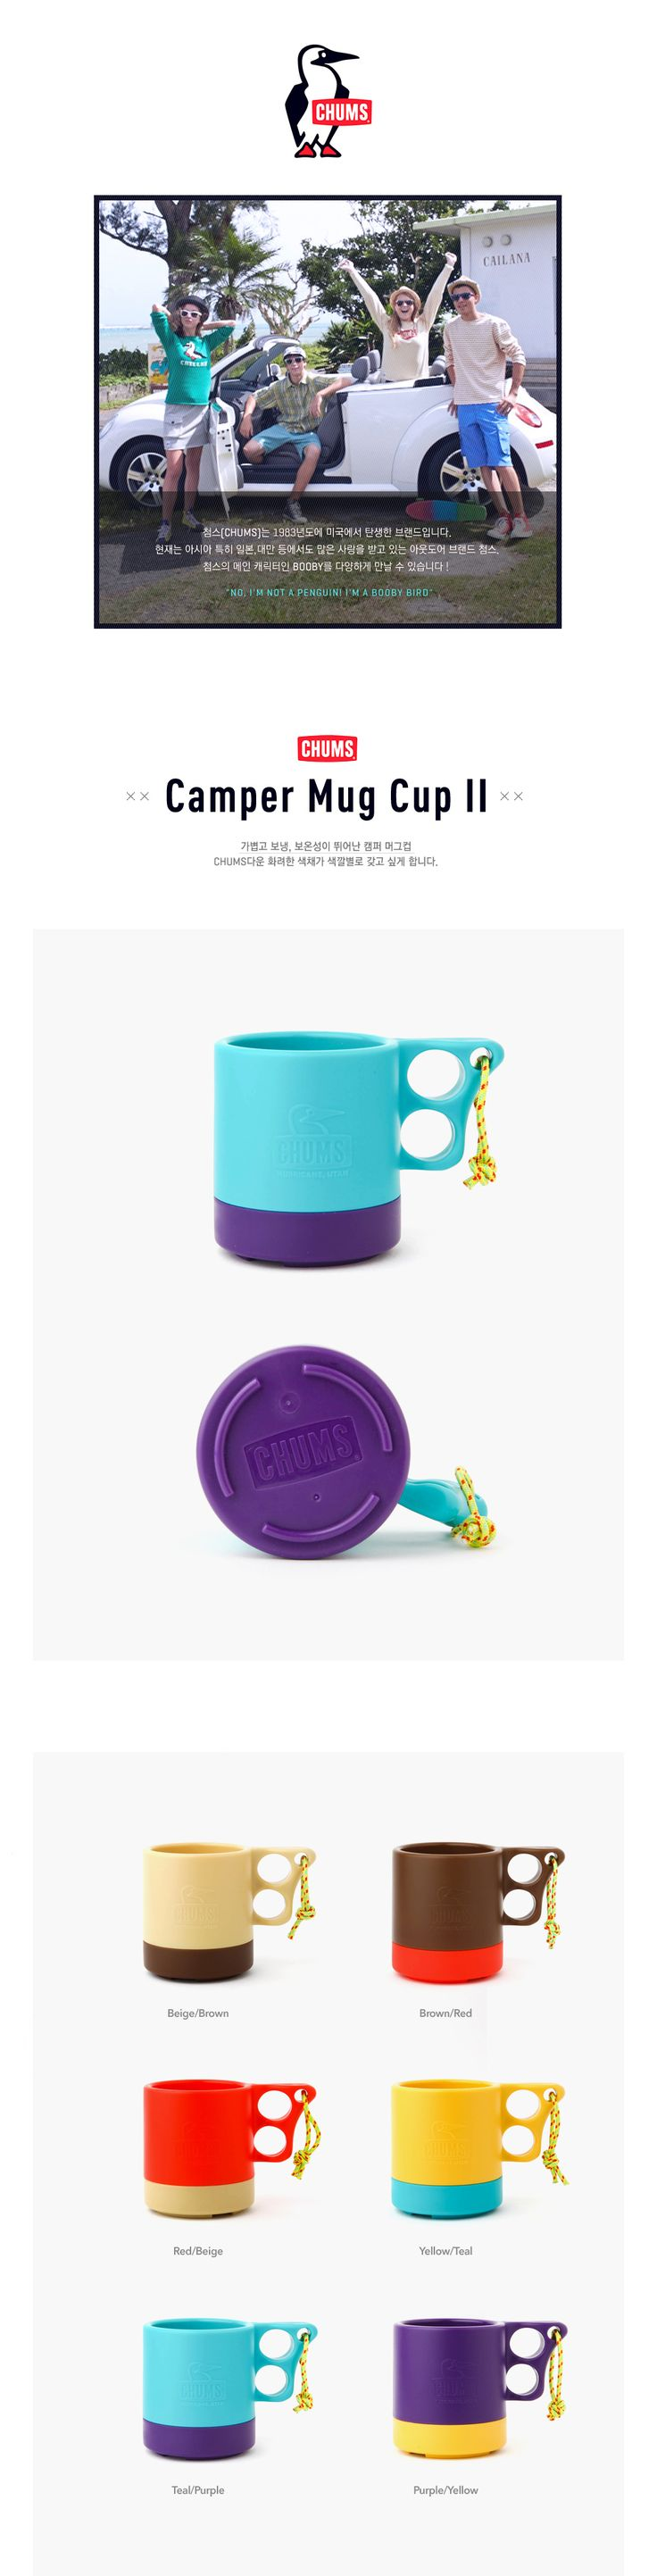 캠퍼머그컵 Camper Mug Cup II